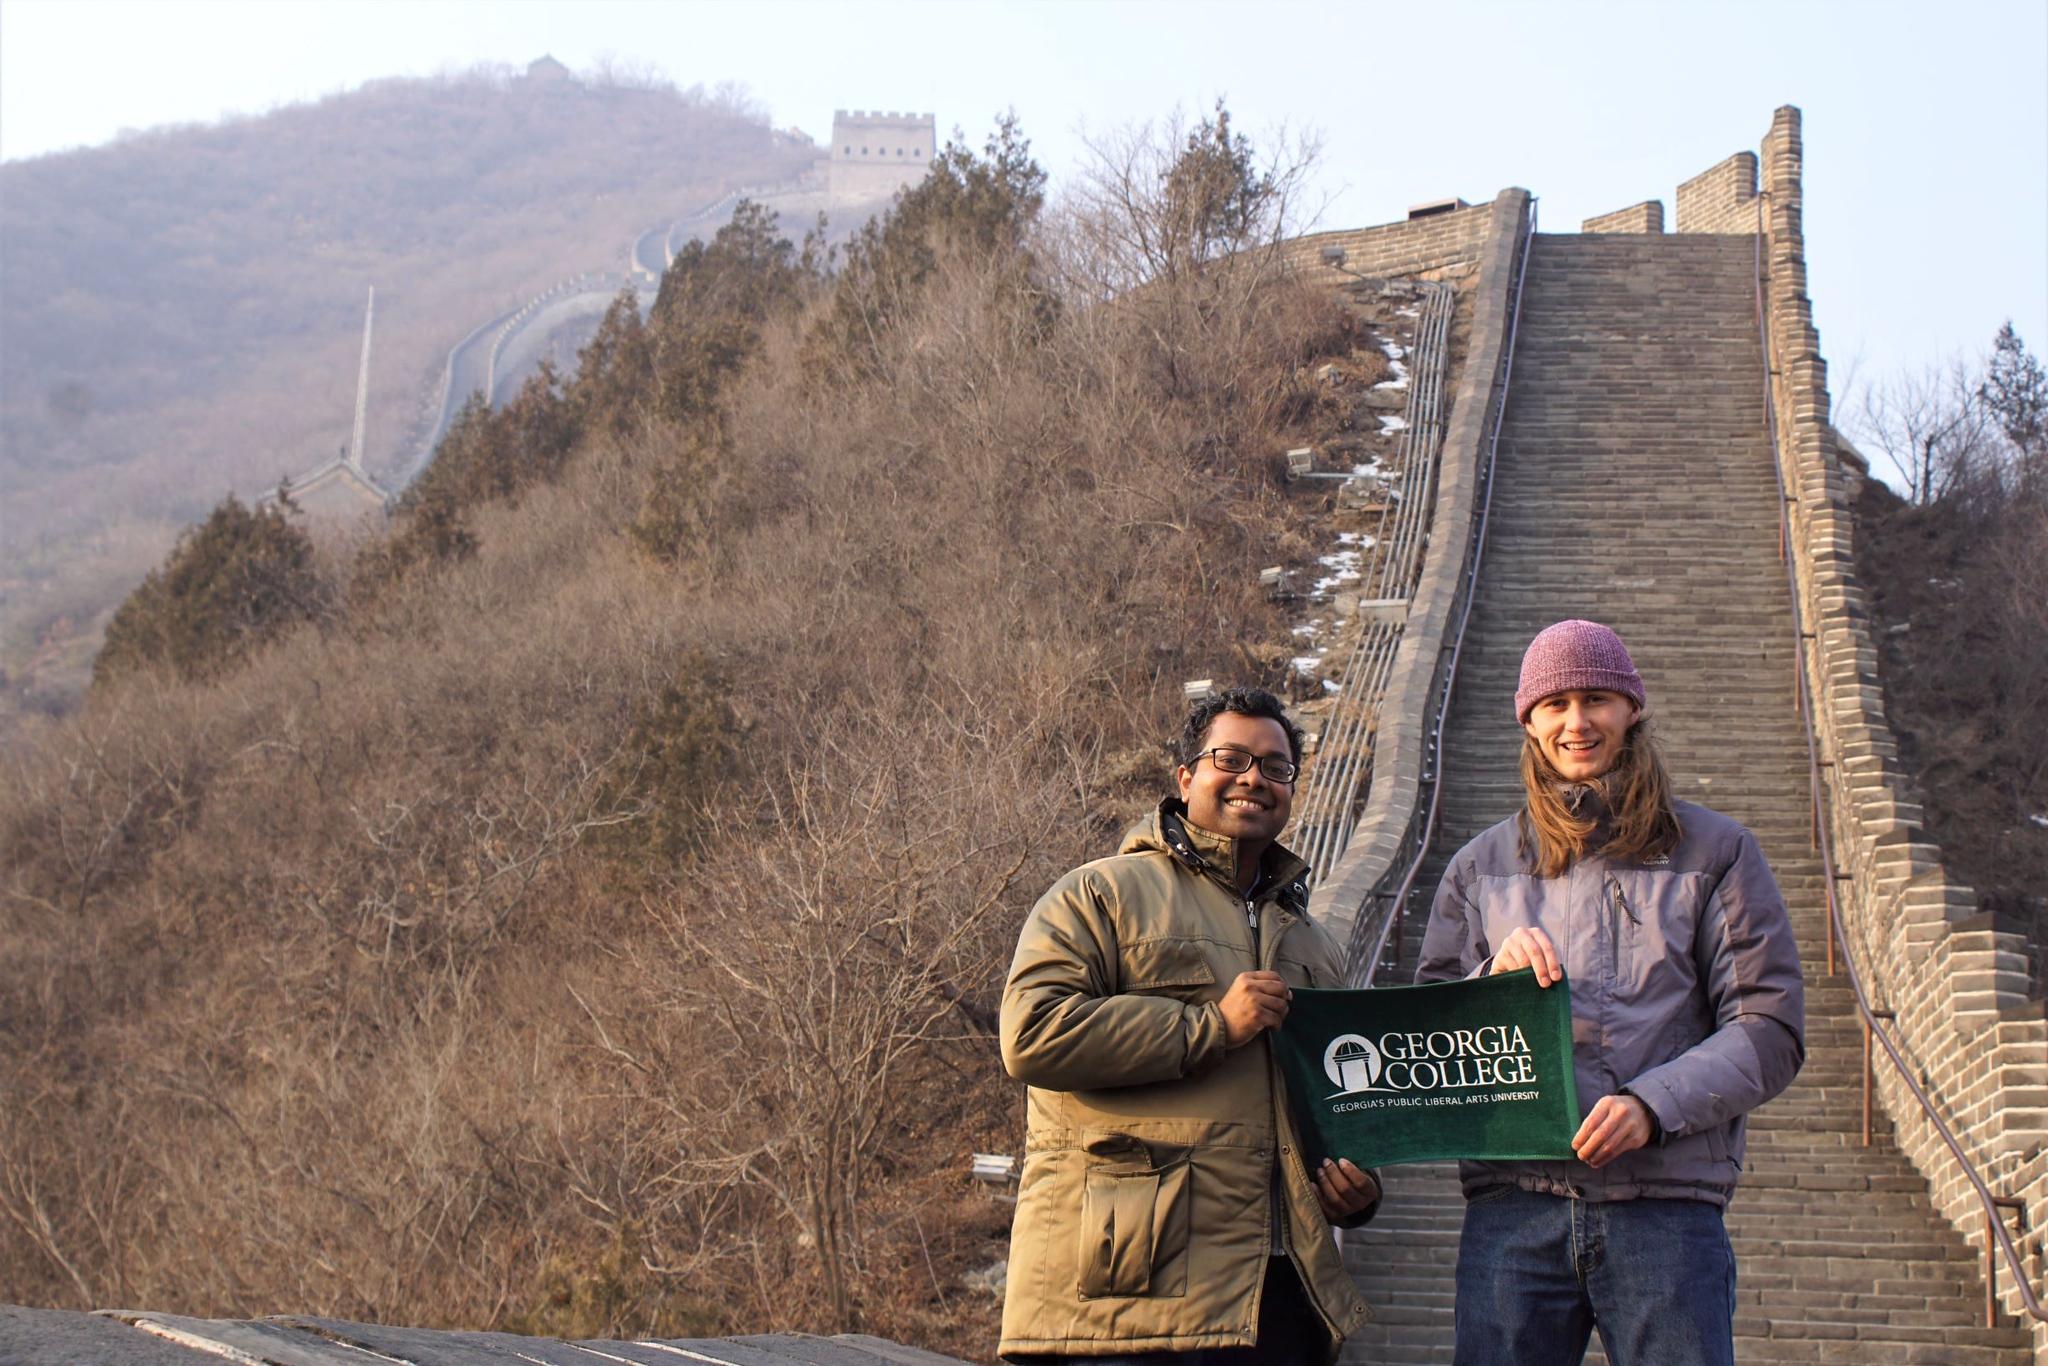 Dr. Mahabaduge and senior physics major Bo Cavender at the Great Wall of China in December 2019.